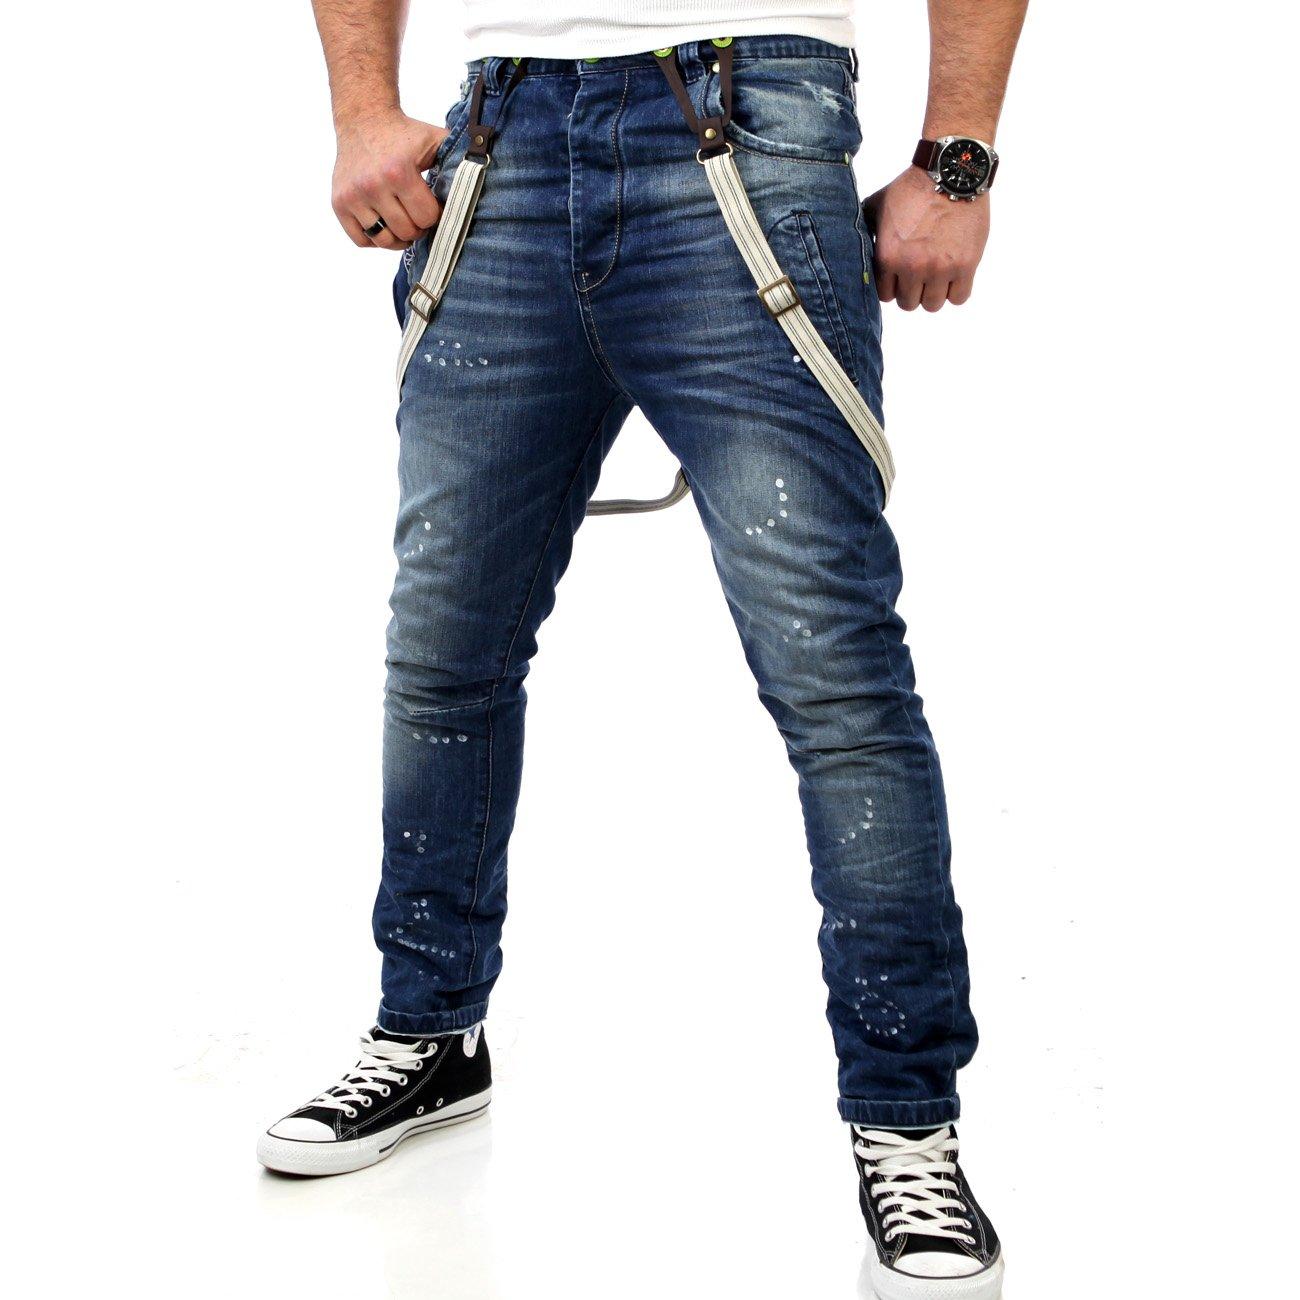 vsct herren jeans hose v 5640920